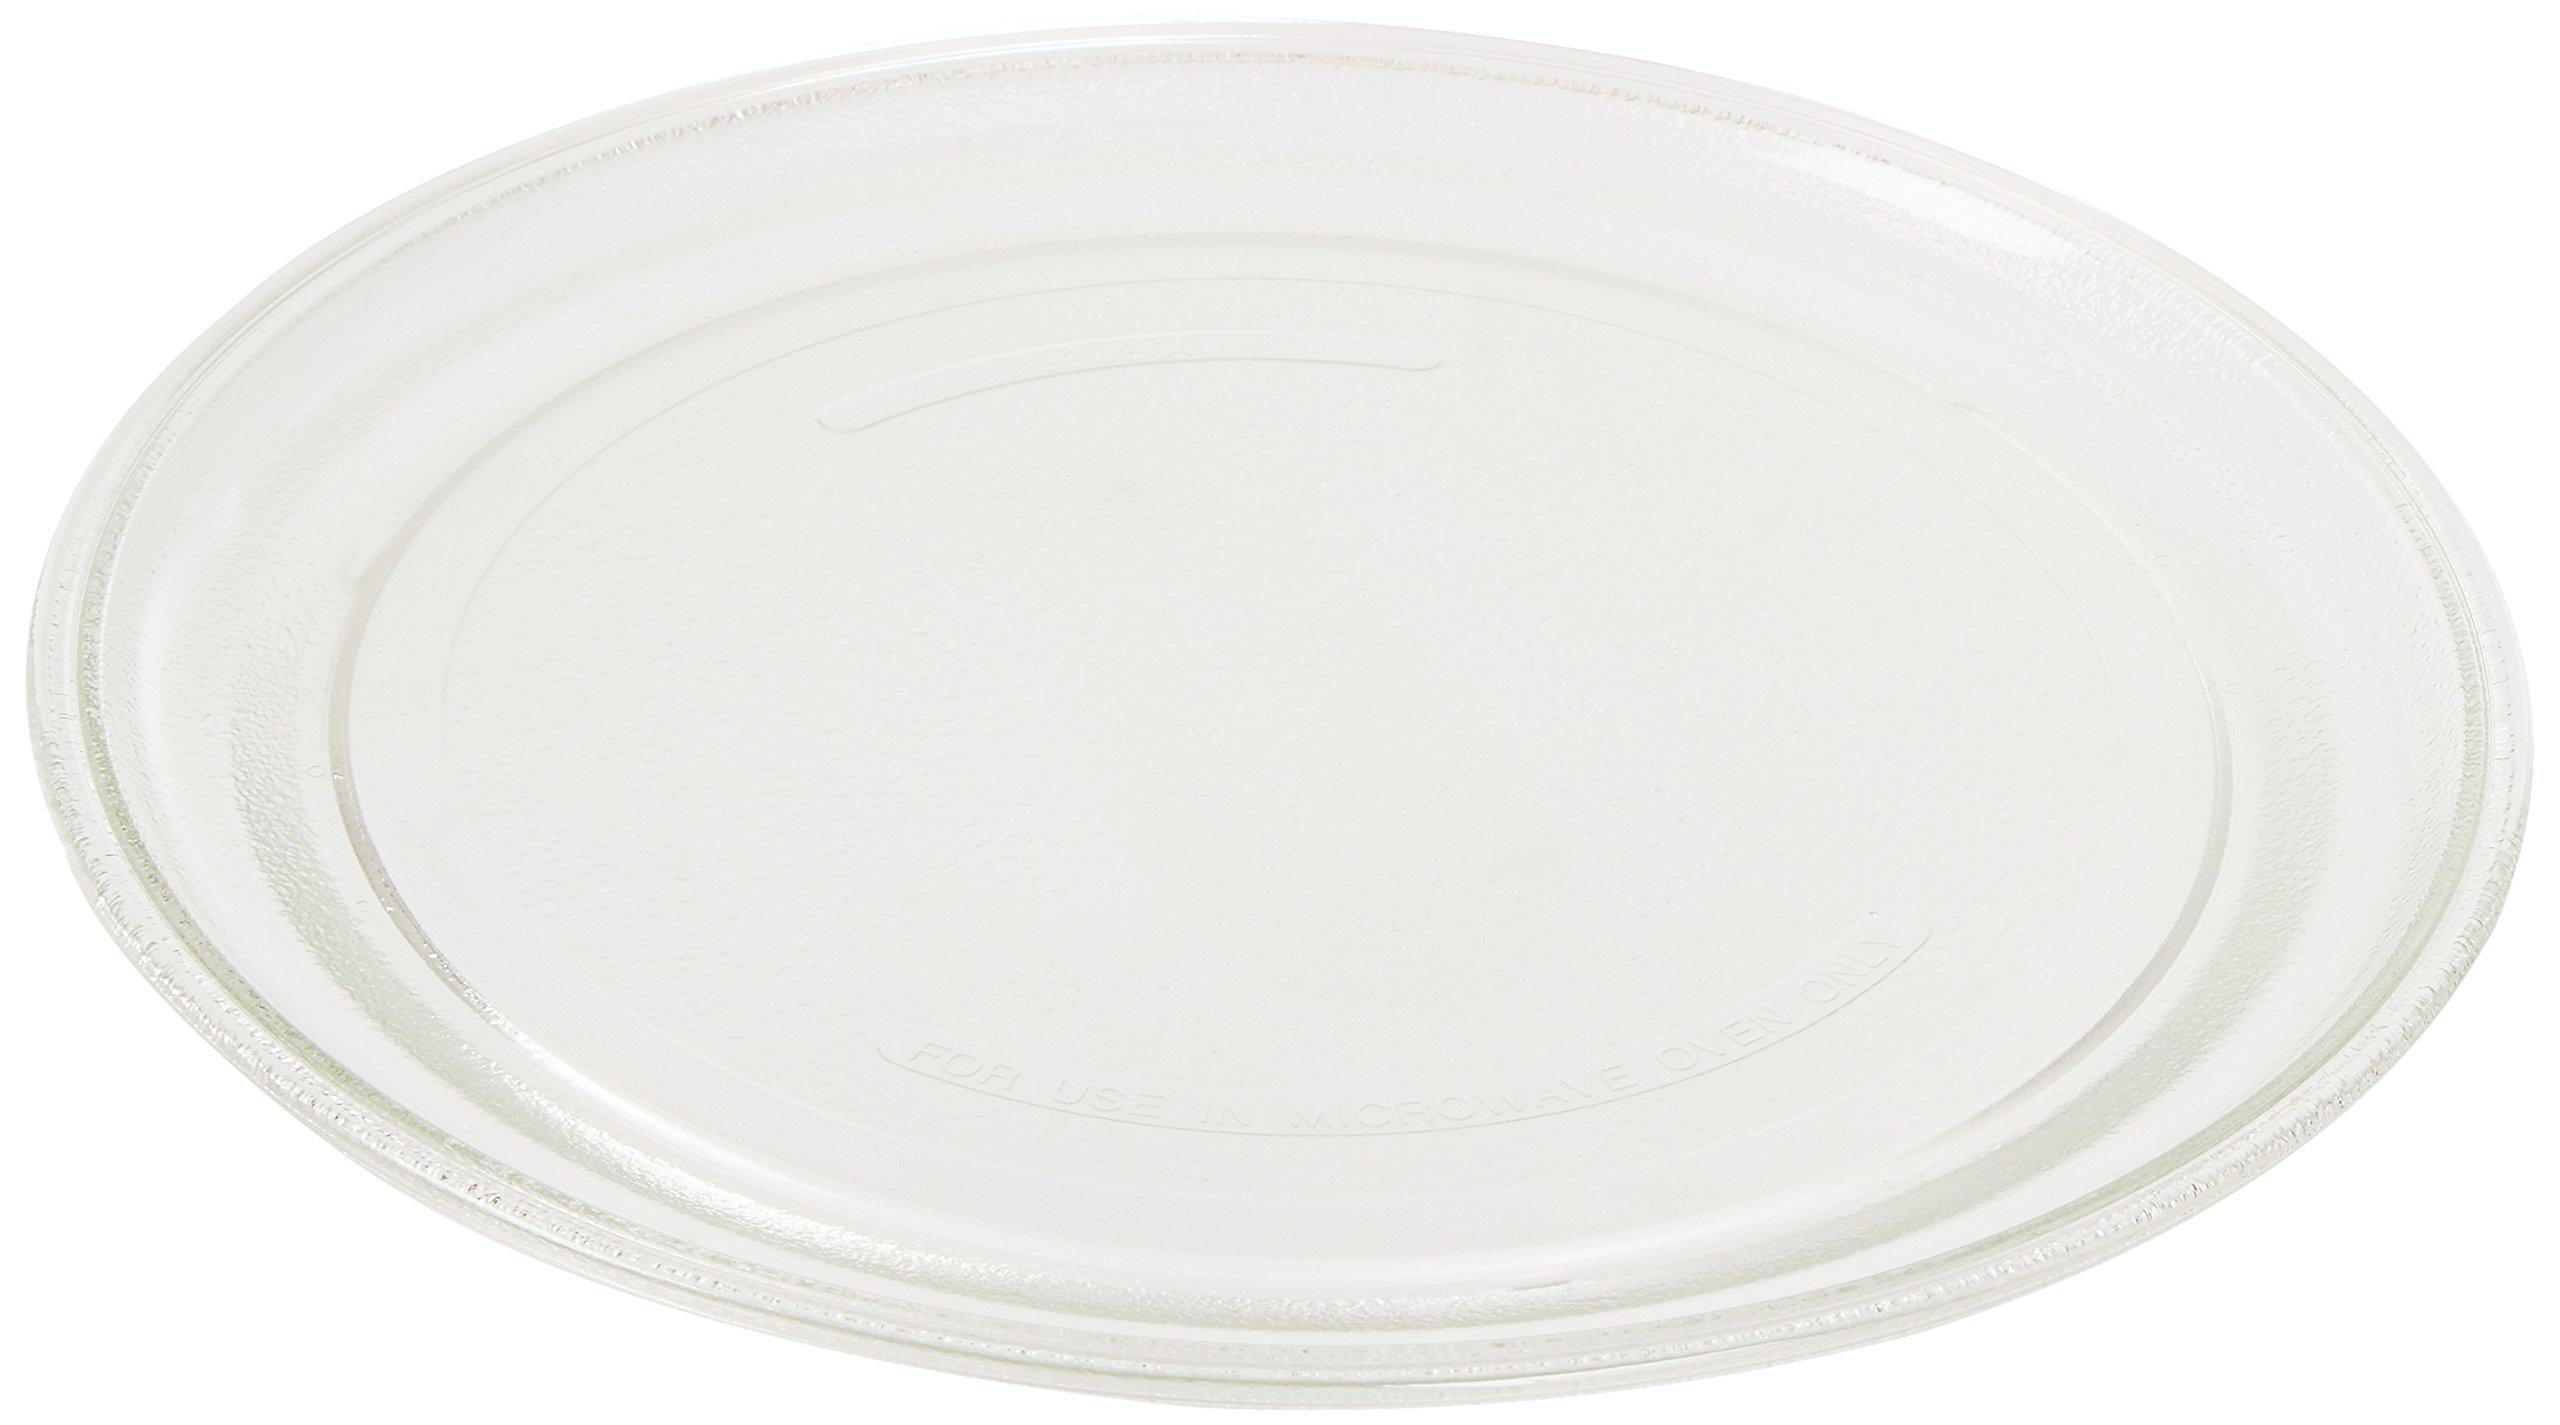 Frigidaire 5304440285 Glass Tray Microwave